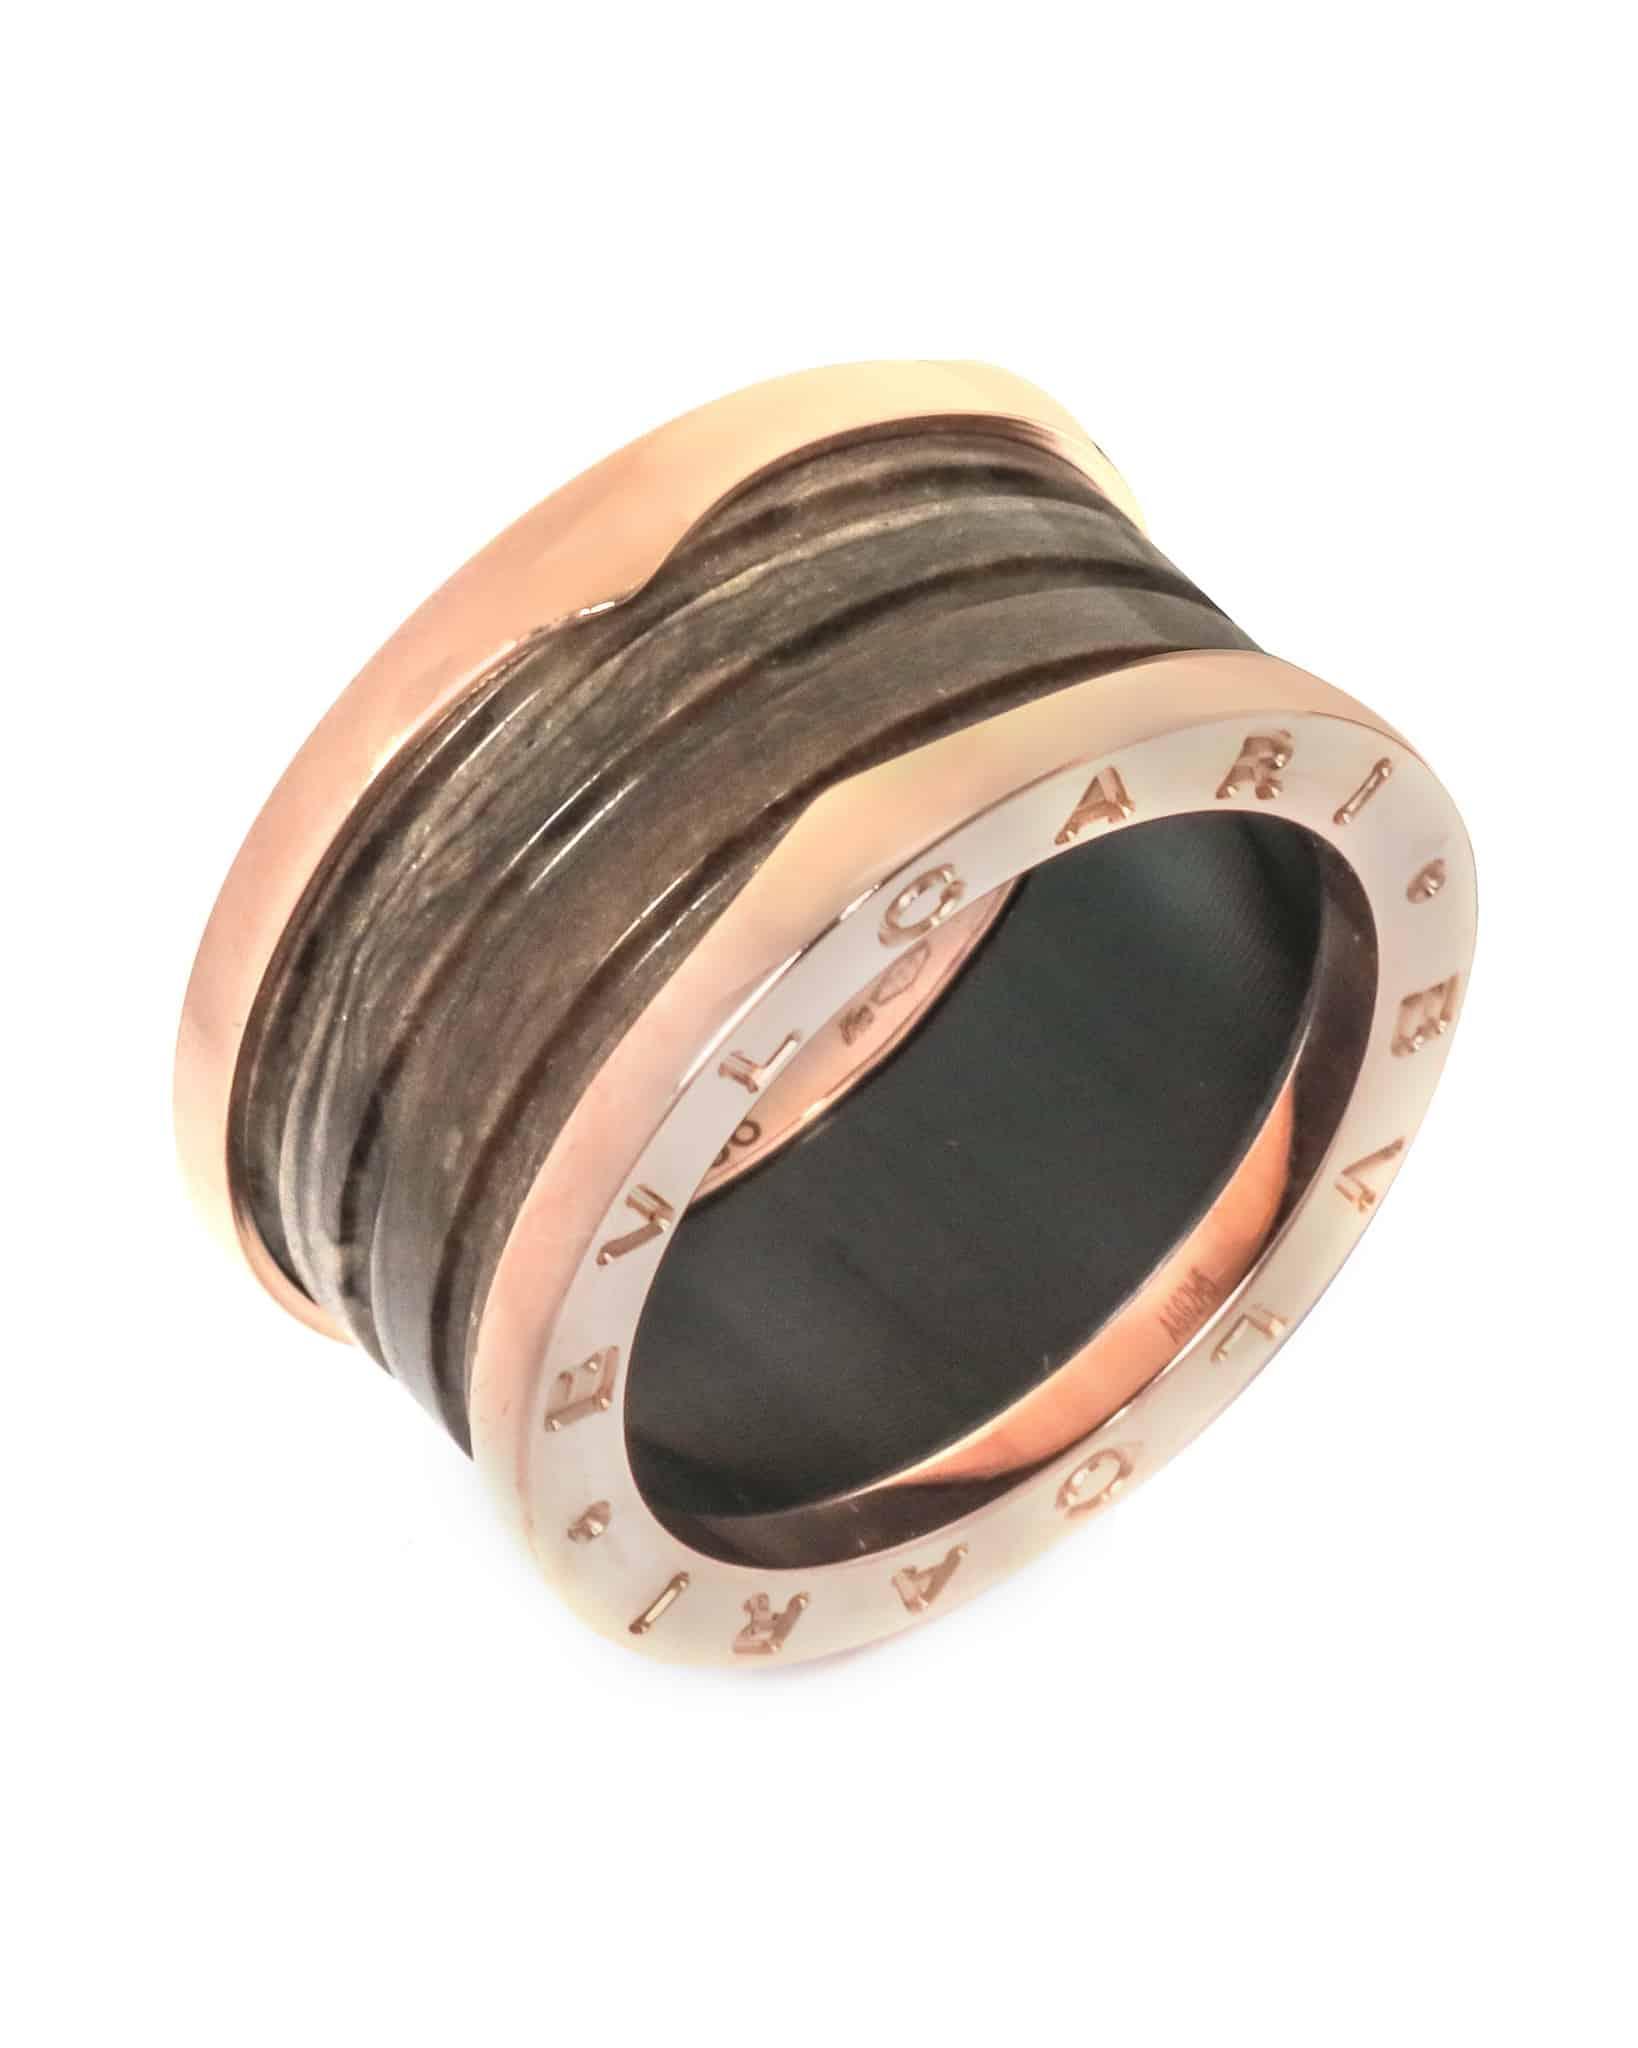 Bvlgari 18k Rose Gold B.zero 1 Ring AN856226